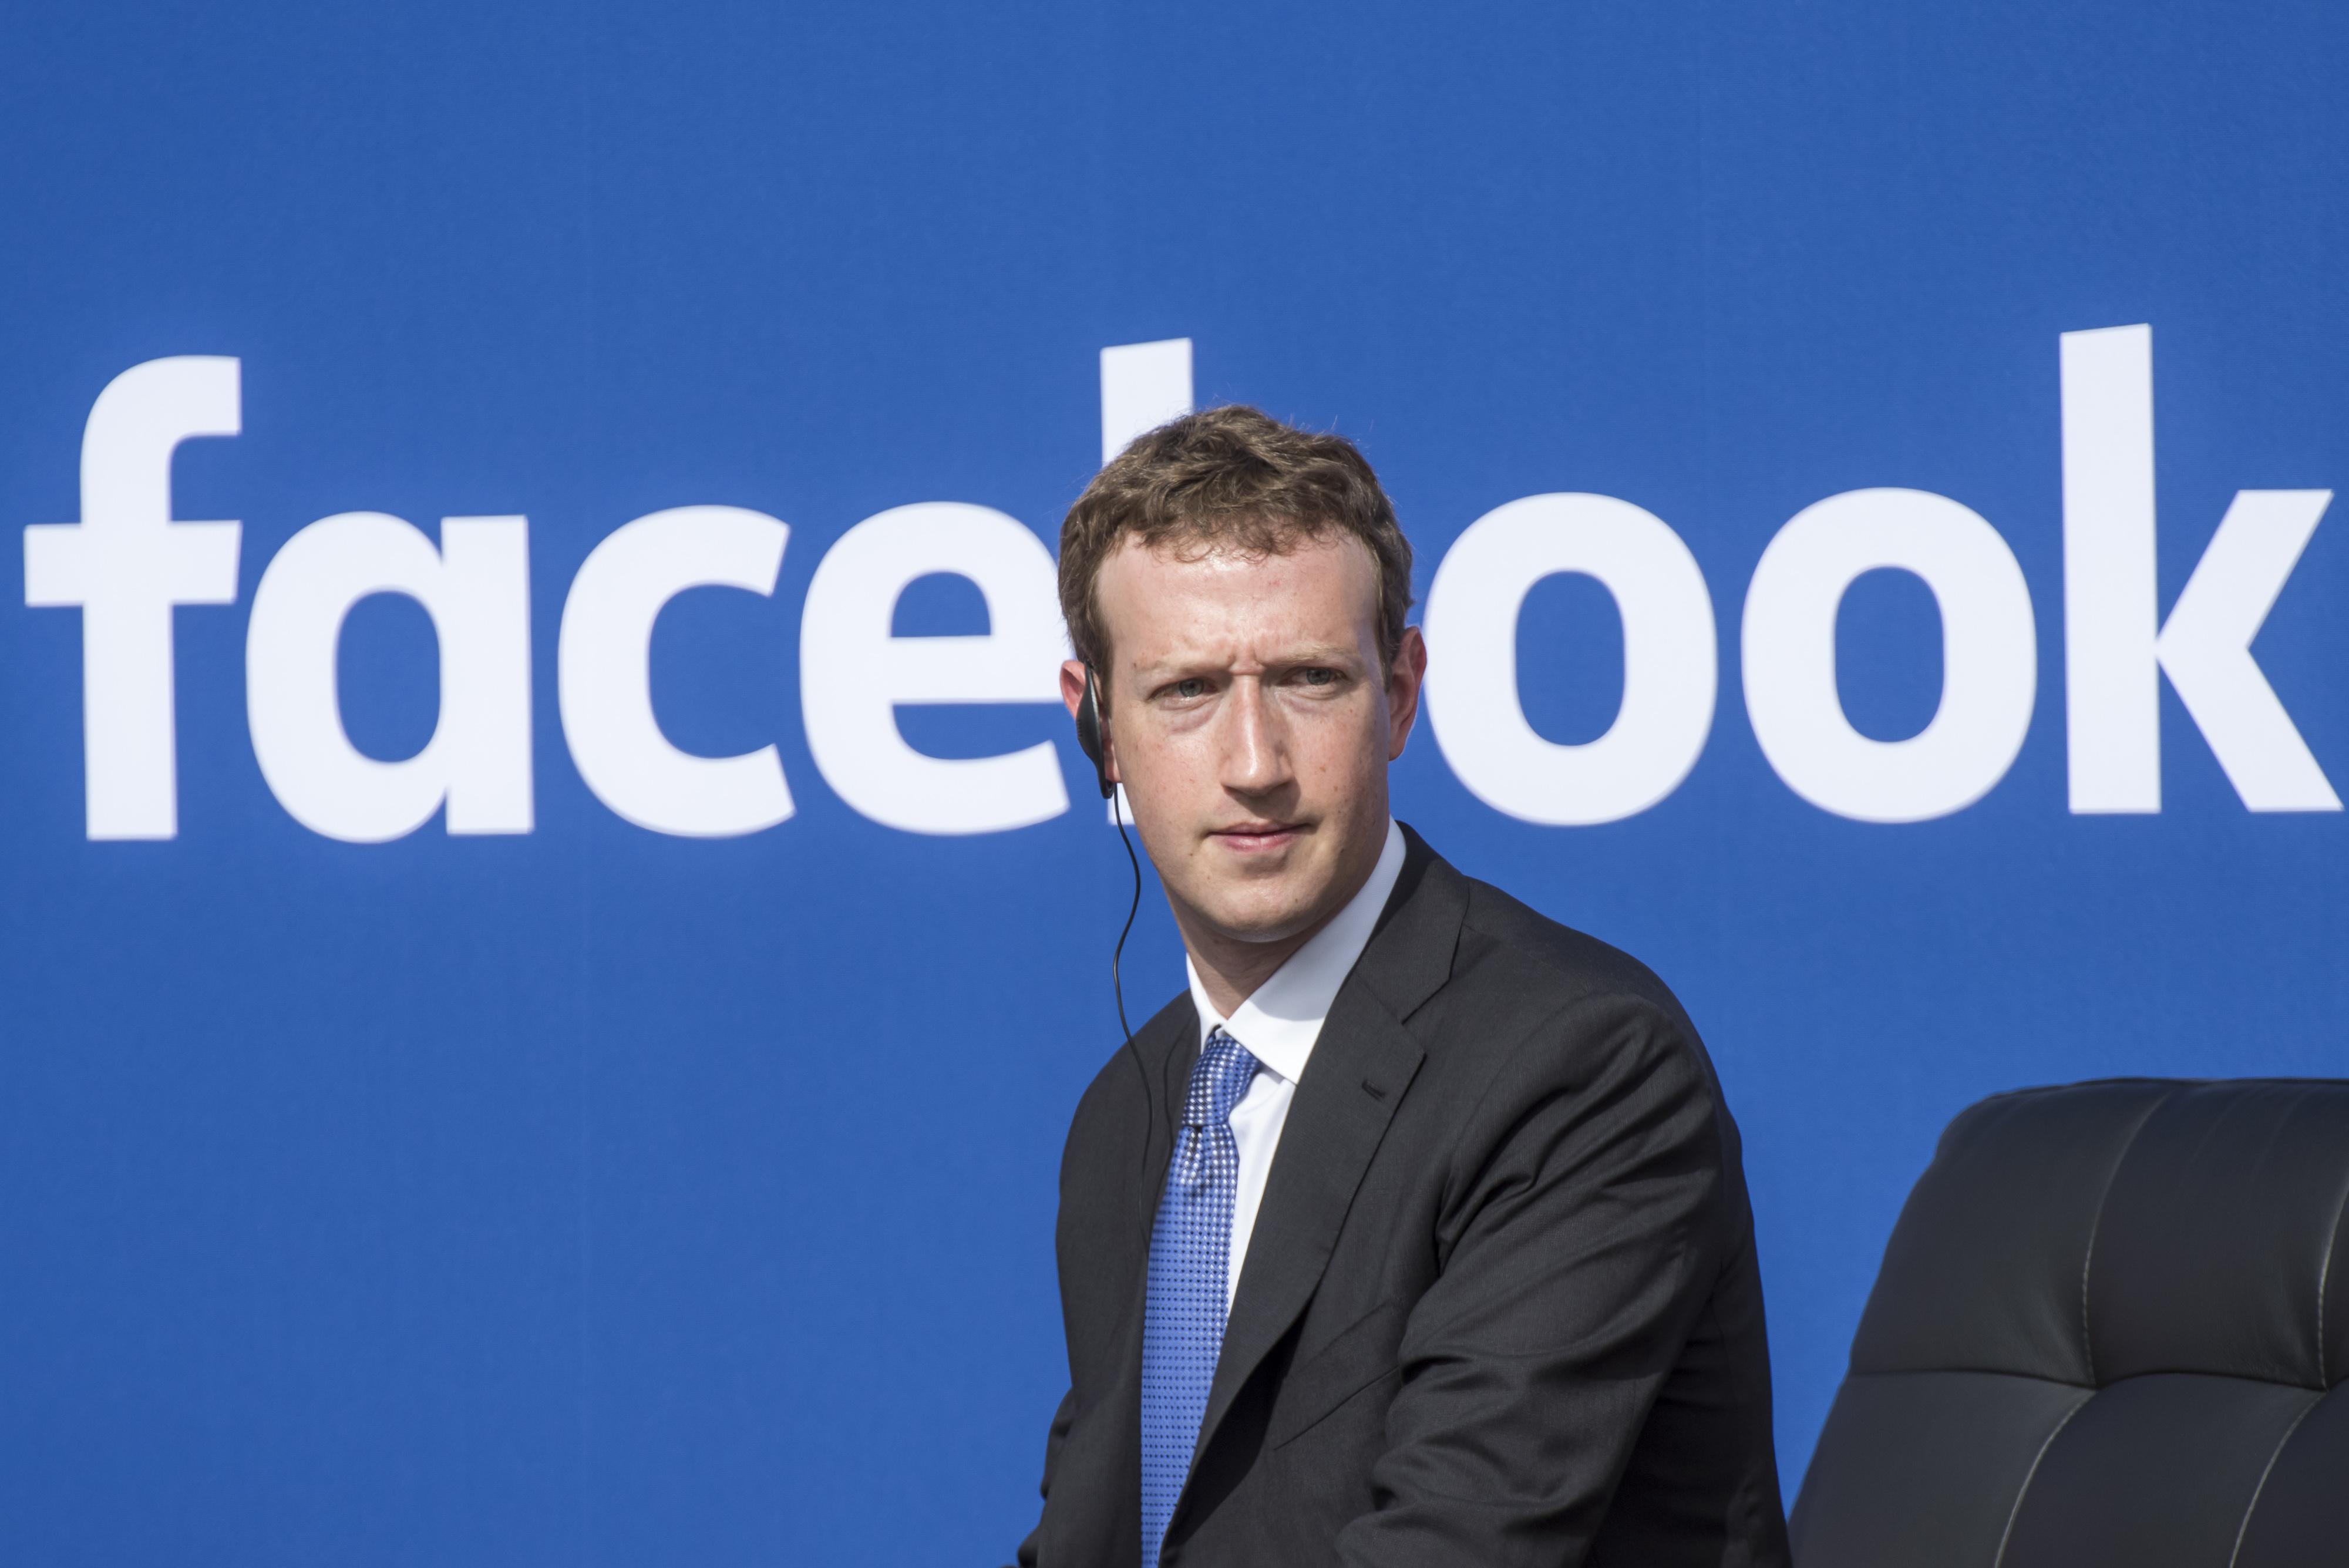 Mark Zuckerberg, Facebook words behind him